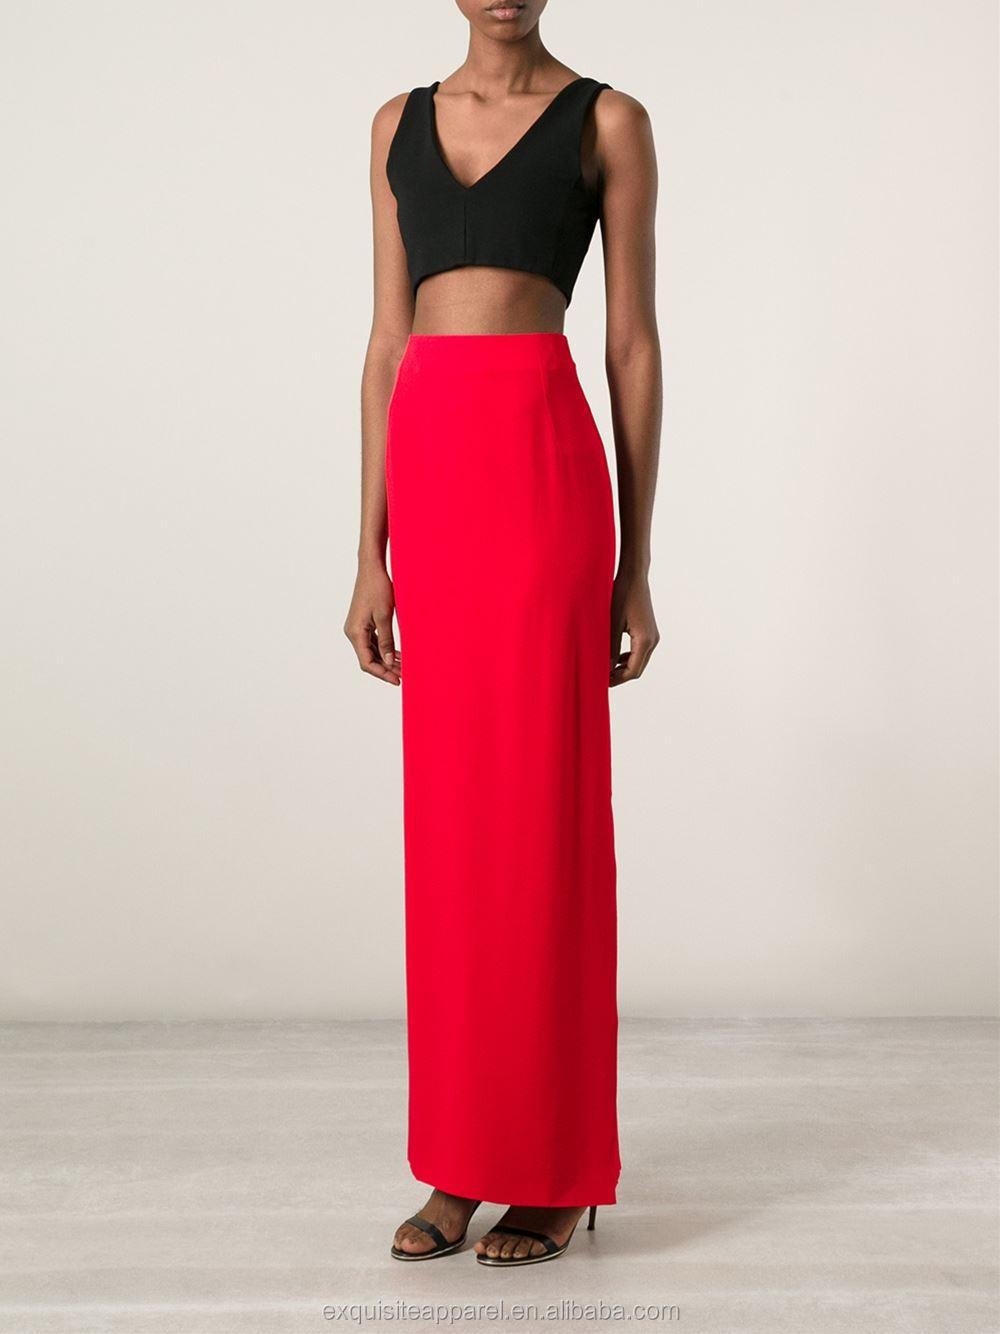 95bcfa93c0 Custom 100% viscosa larga falda apretada rojo largo Falda recta comprar  directamente del fabricante